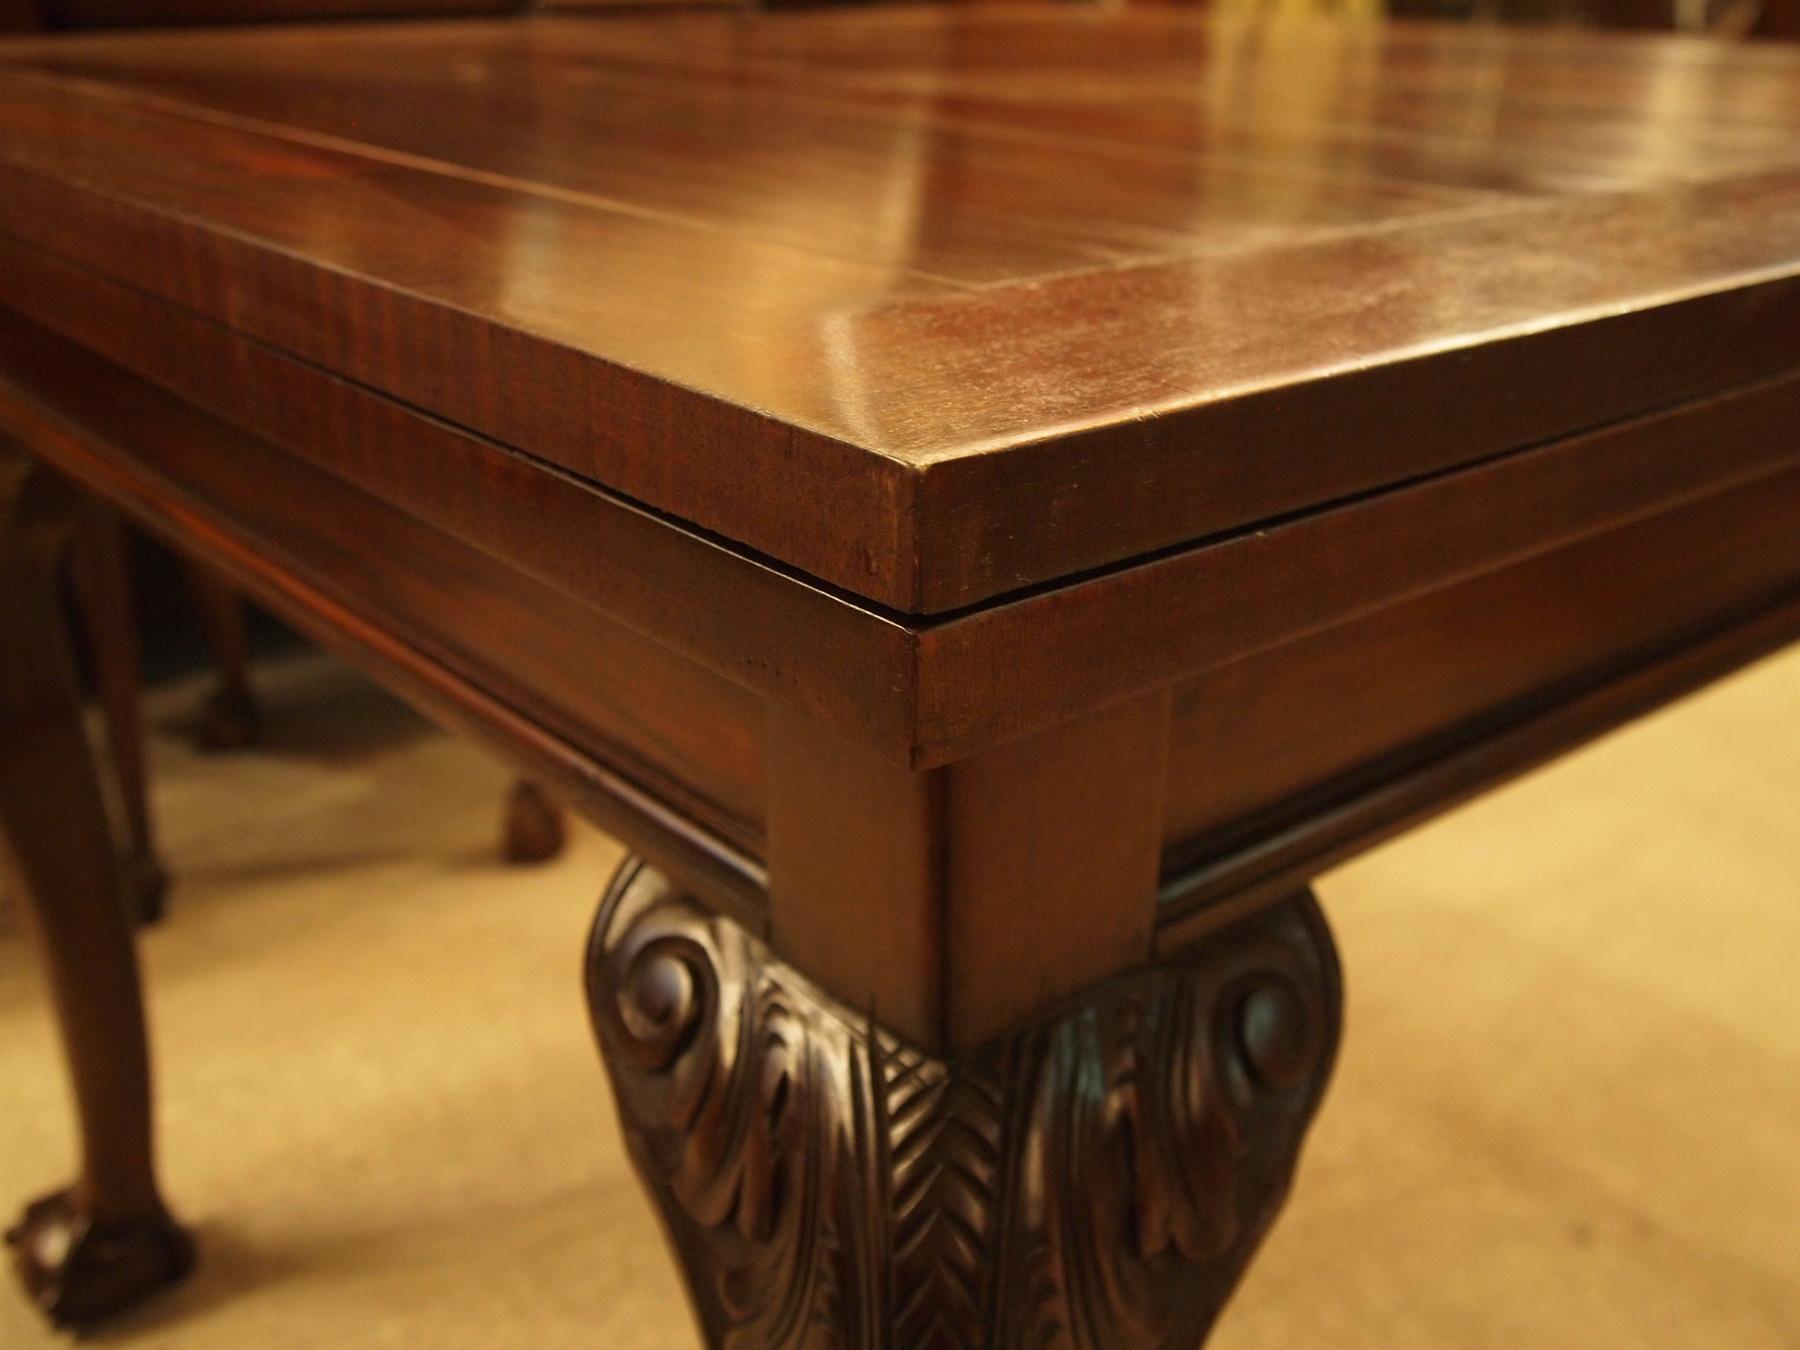 table190609a_06.JPG